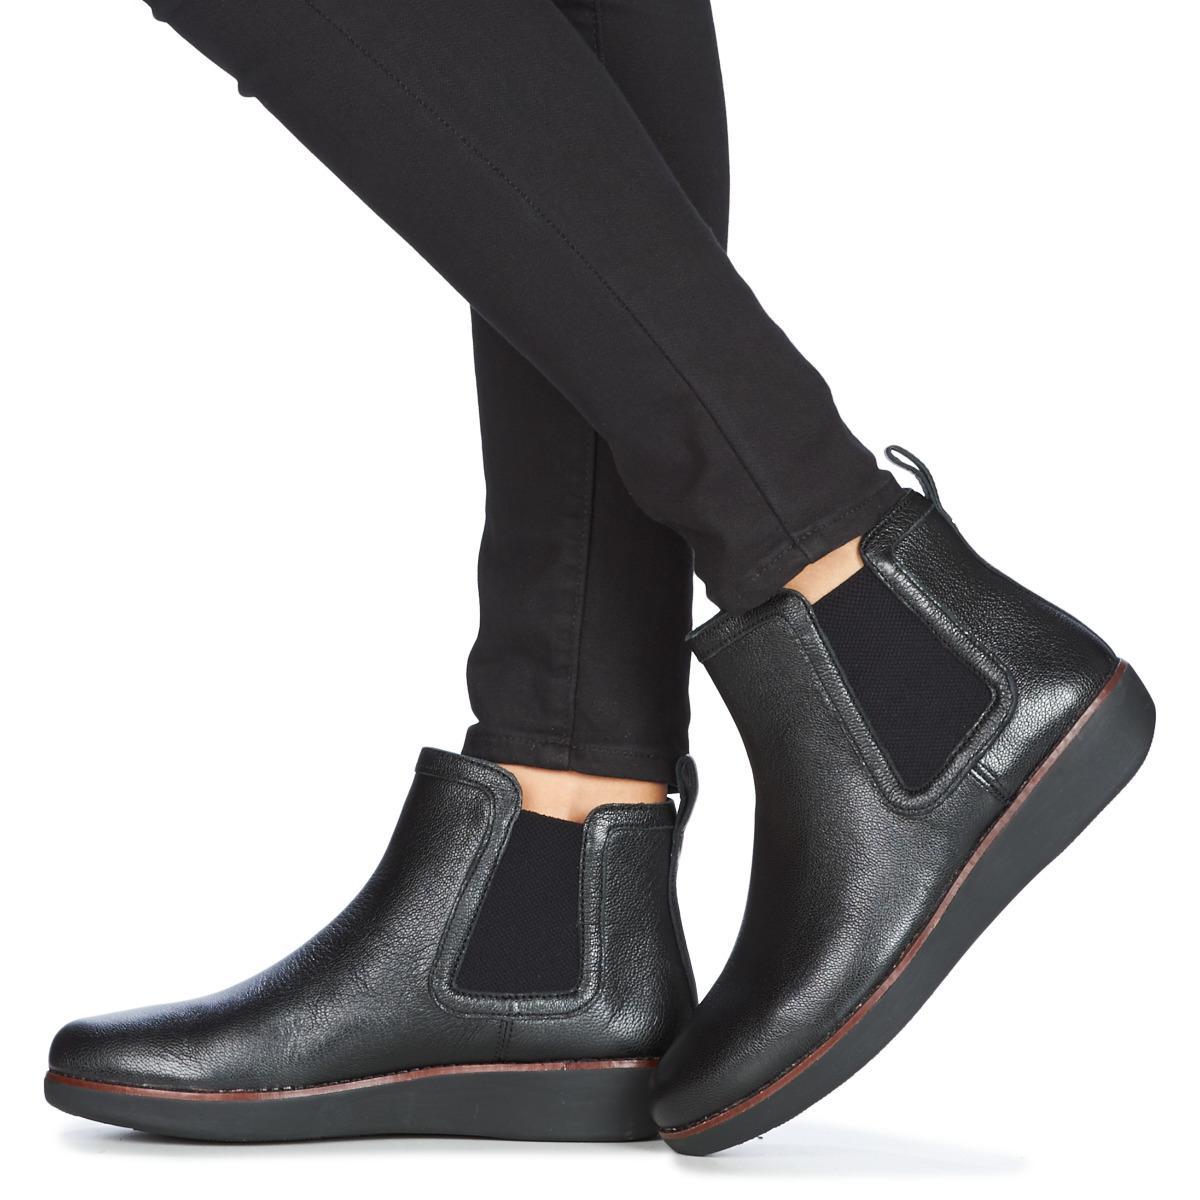 5d56b302cc3497 Fitflop - Chai Women s Mid Boots In Black - Lyst. View fullscreen